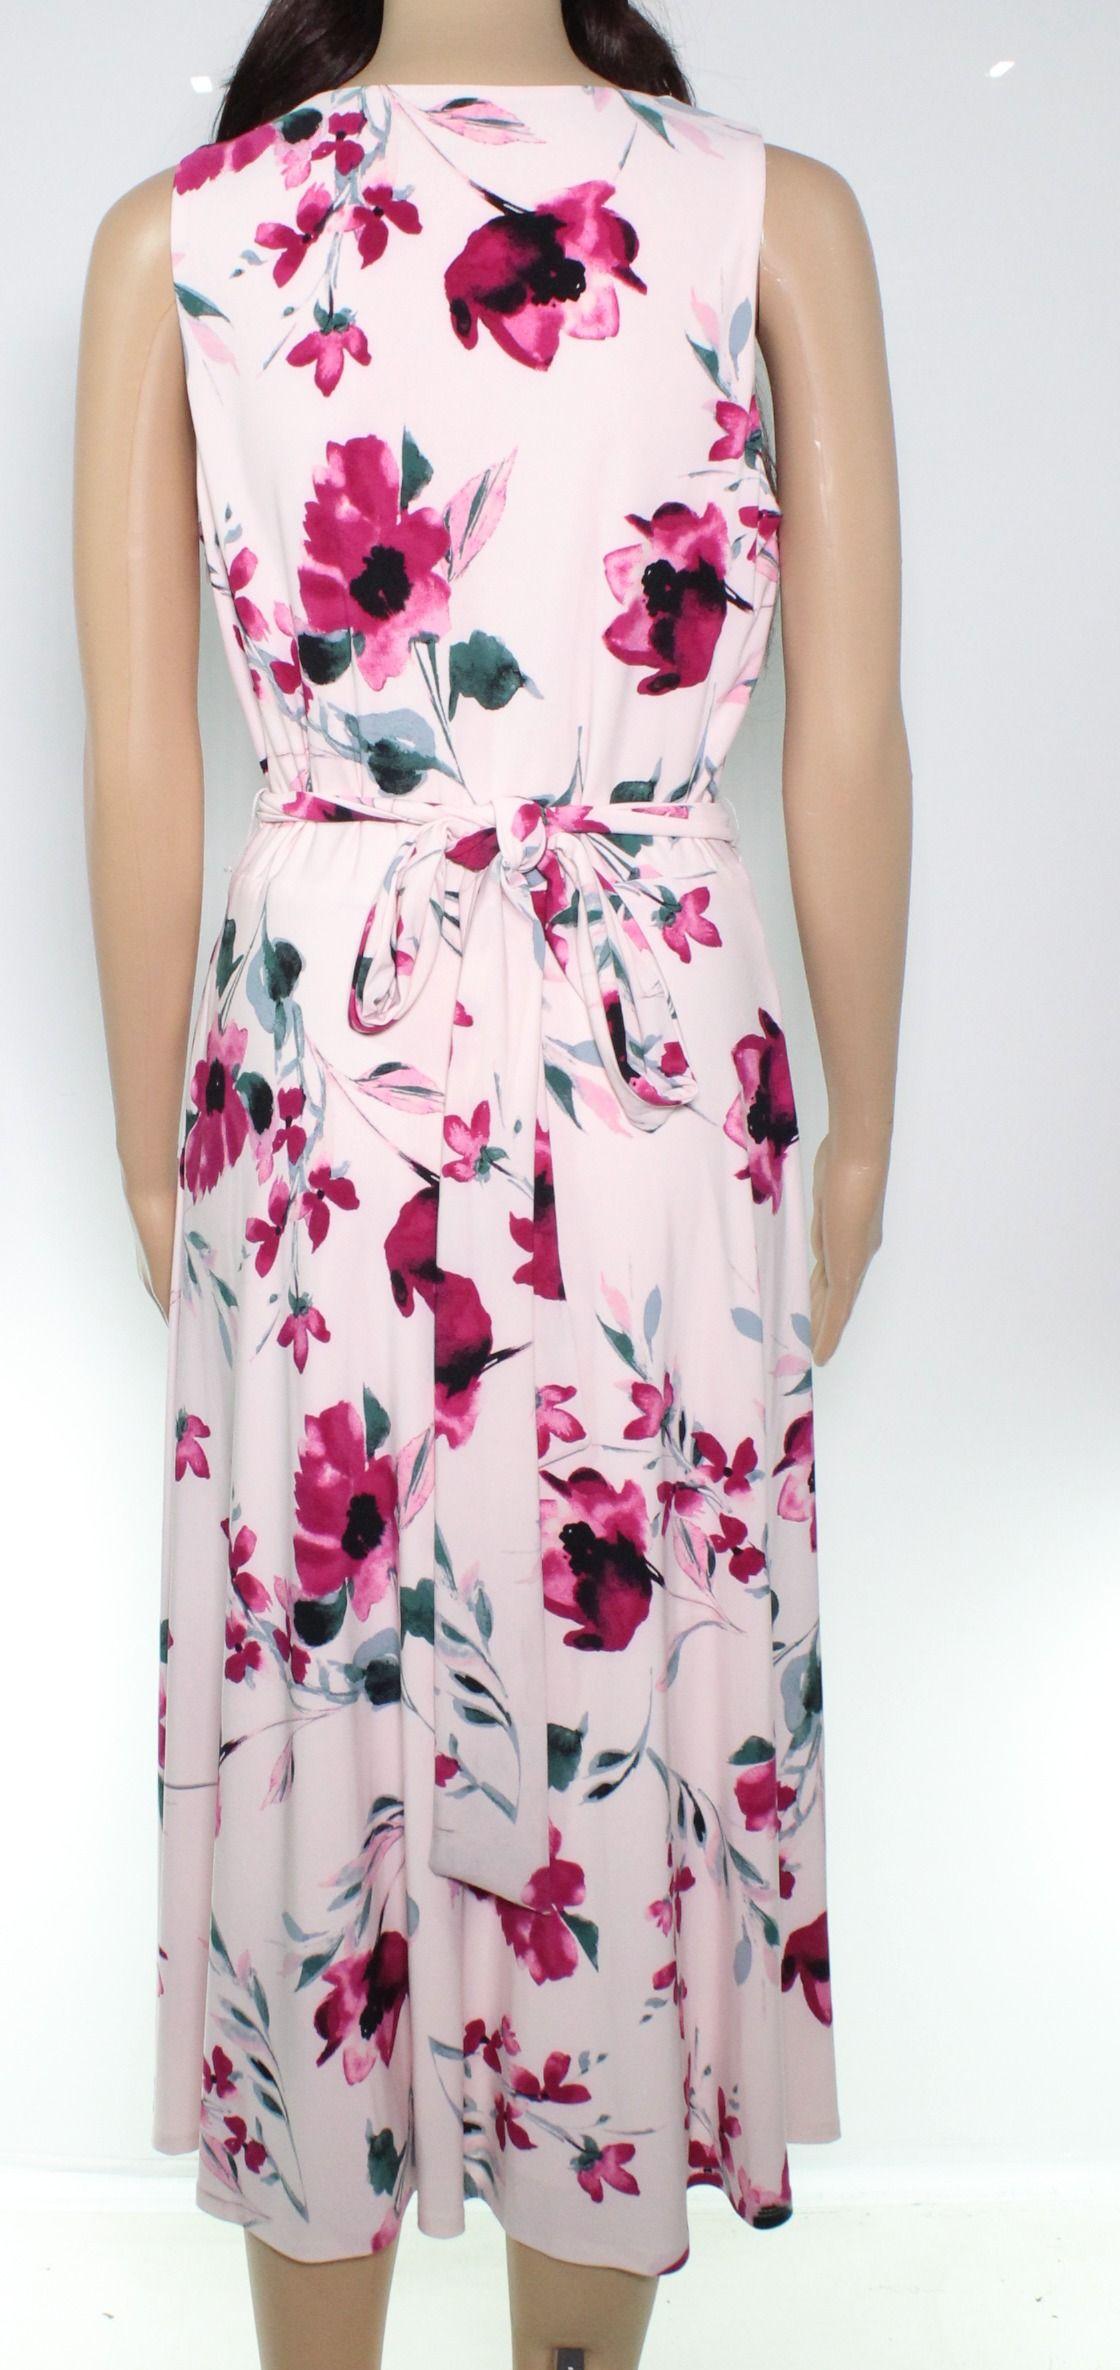 Lauren By Ralph Lauren Women's Dress Pink Size 8 A-Line Floral Print